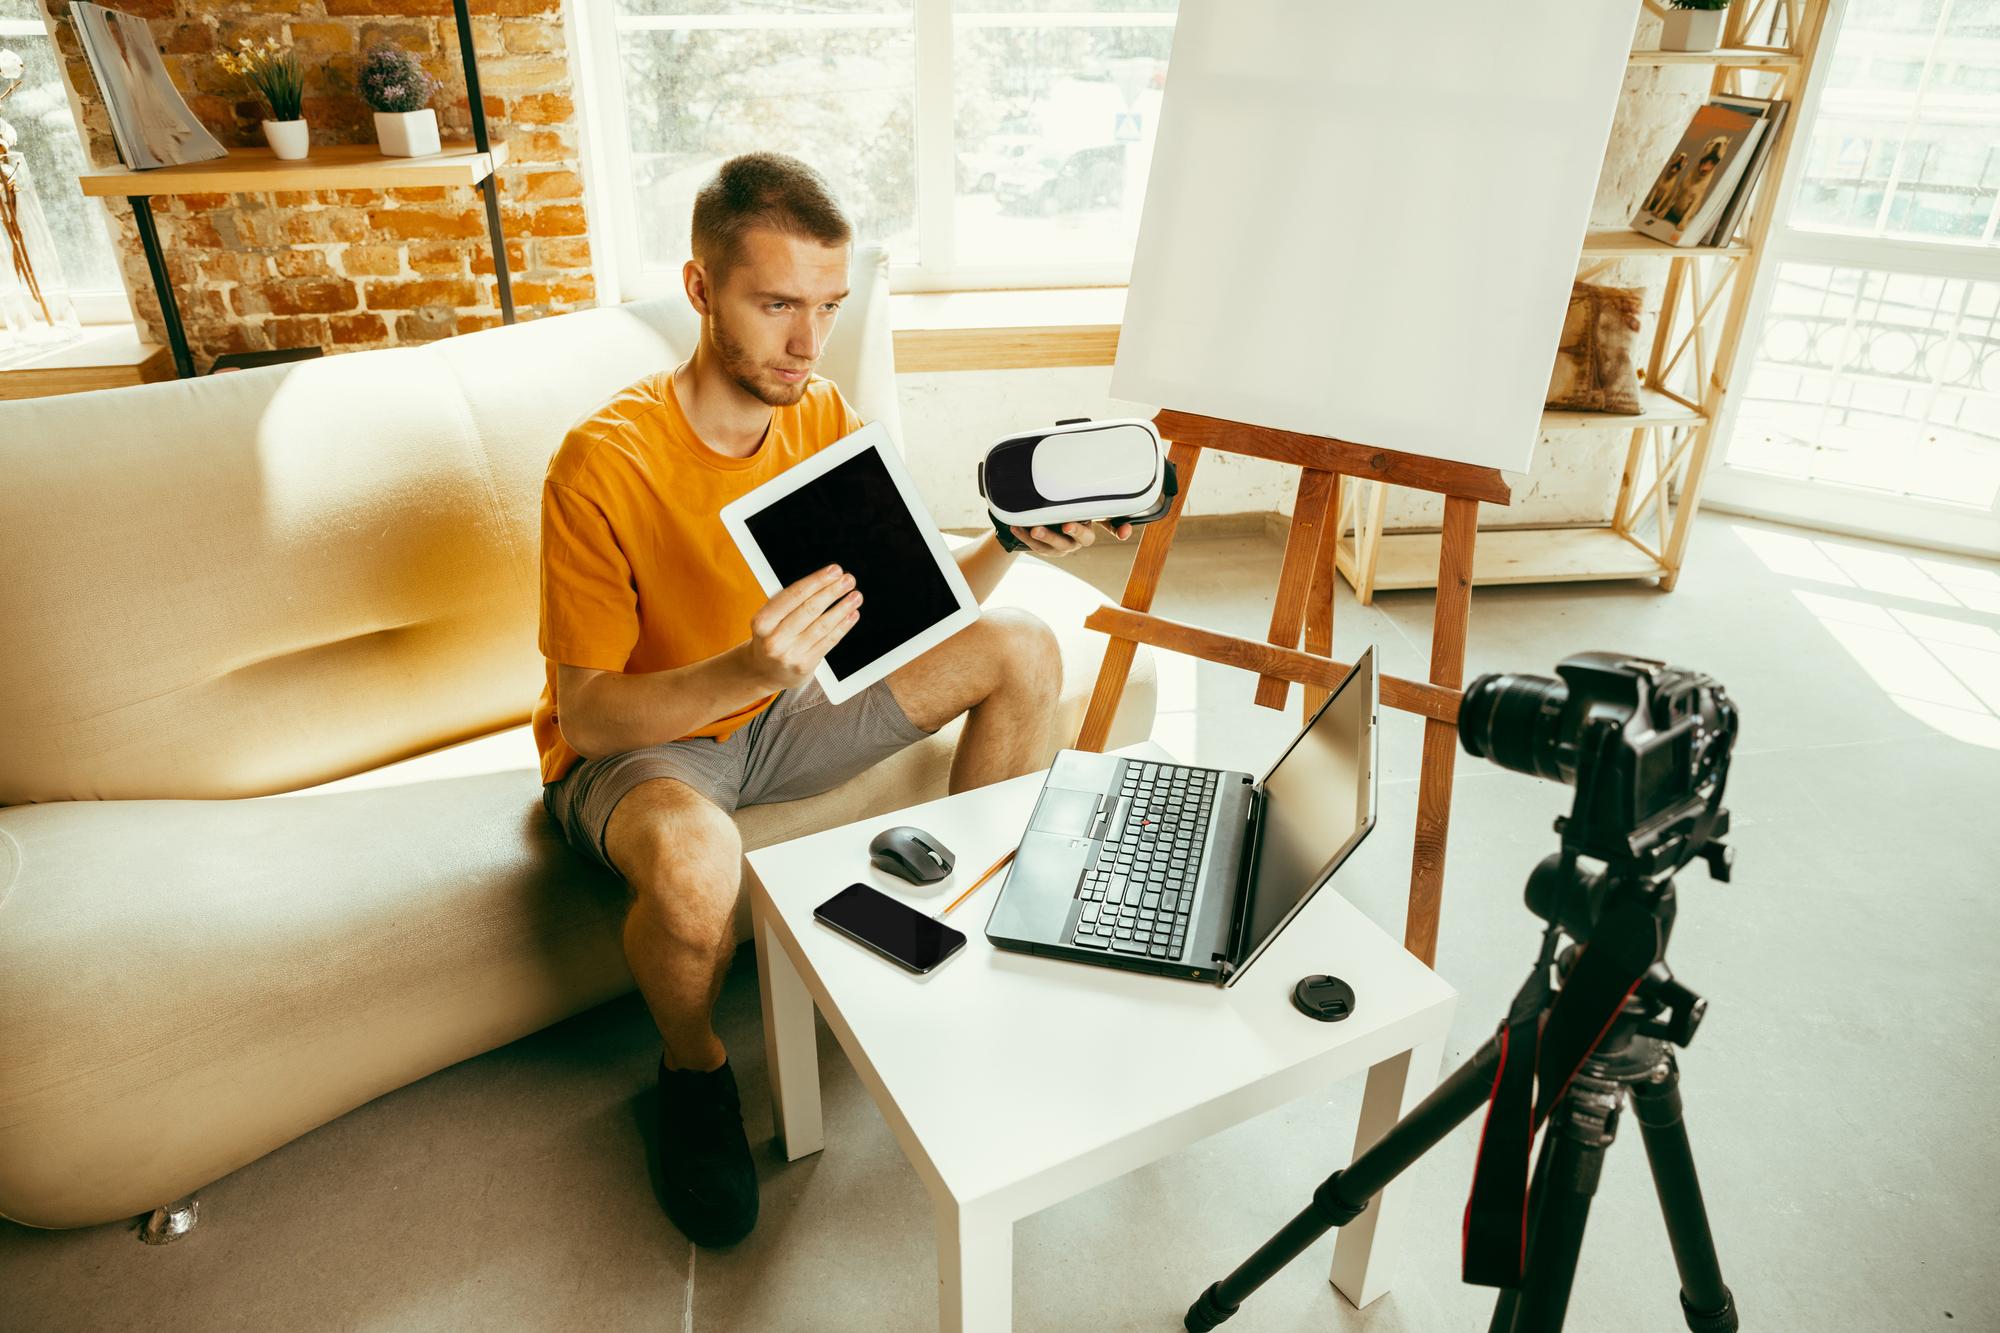 konten kreator, content creator, deskripsi pekerjaan, job description